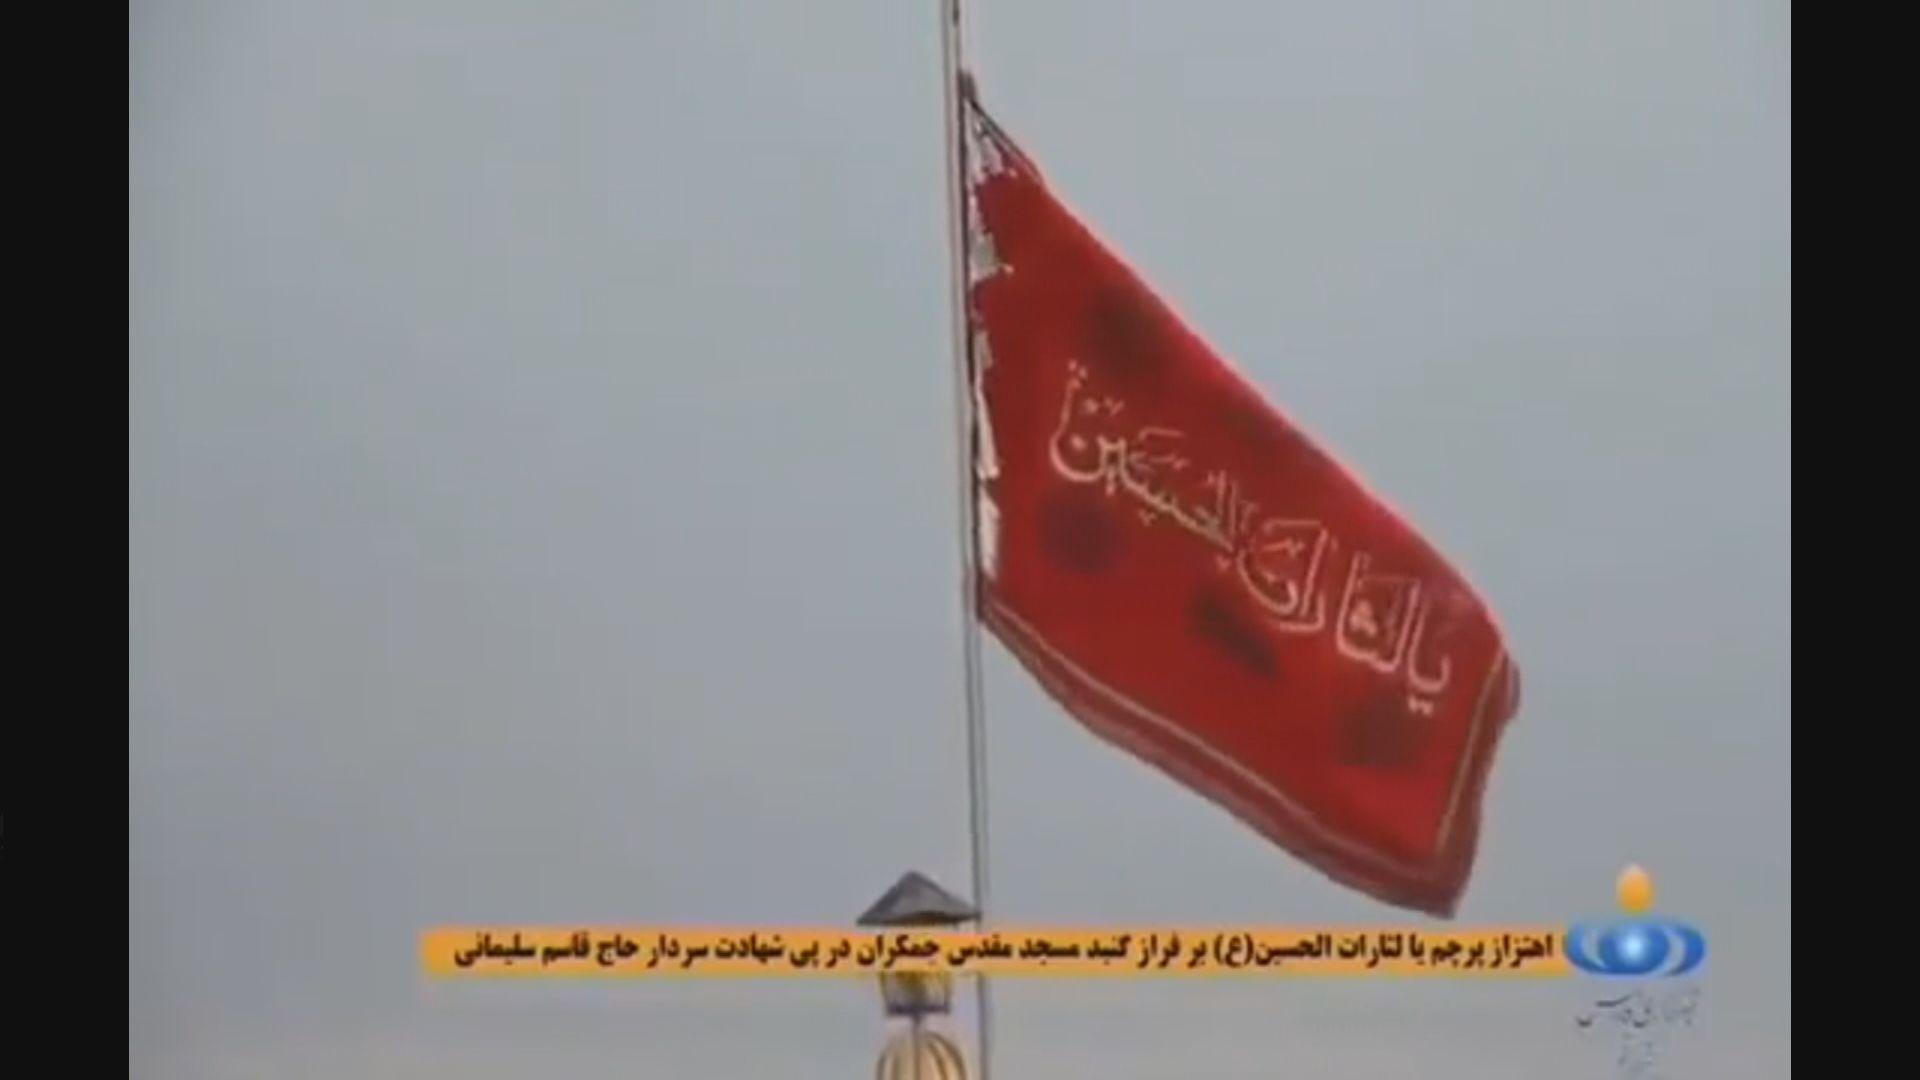 伊朗最高領袖指示軍隊公開報復